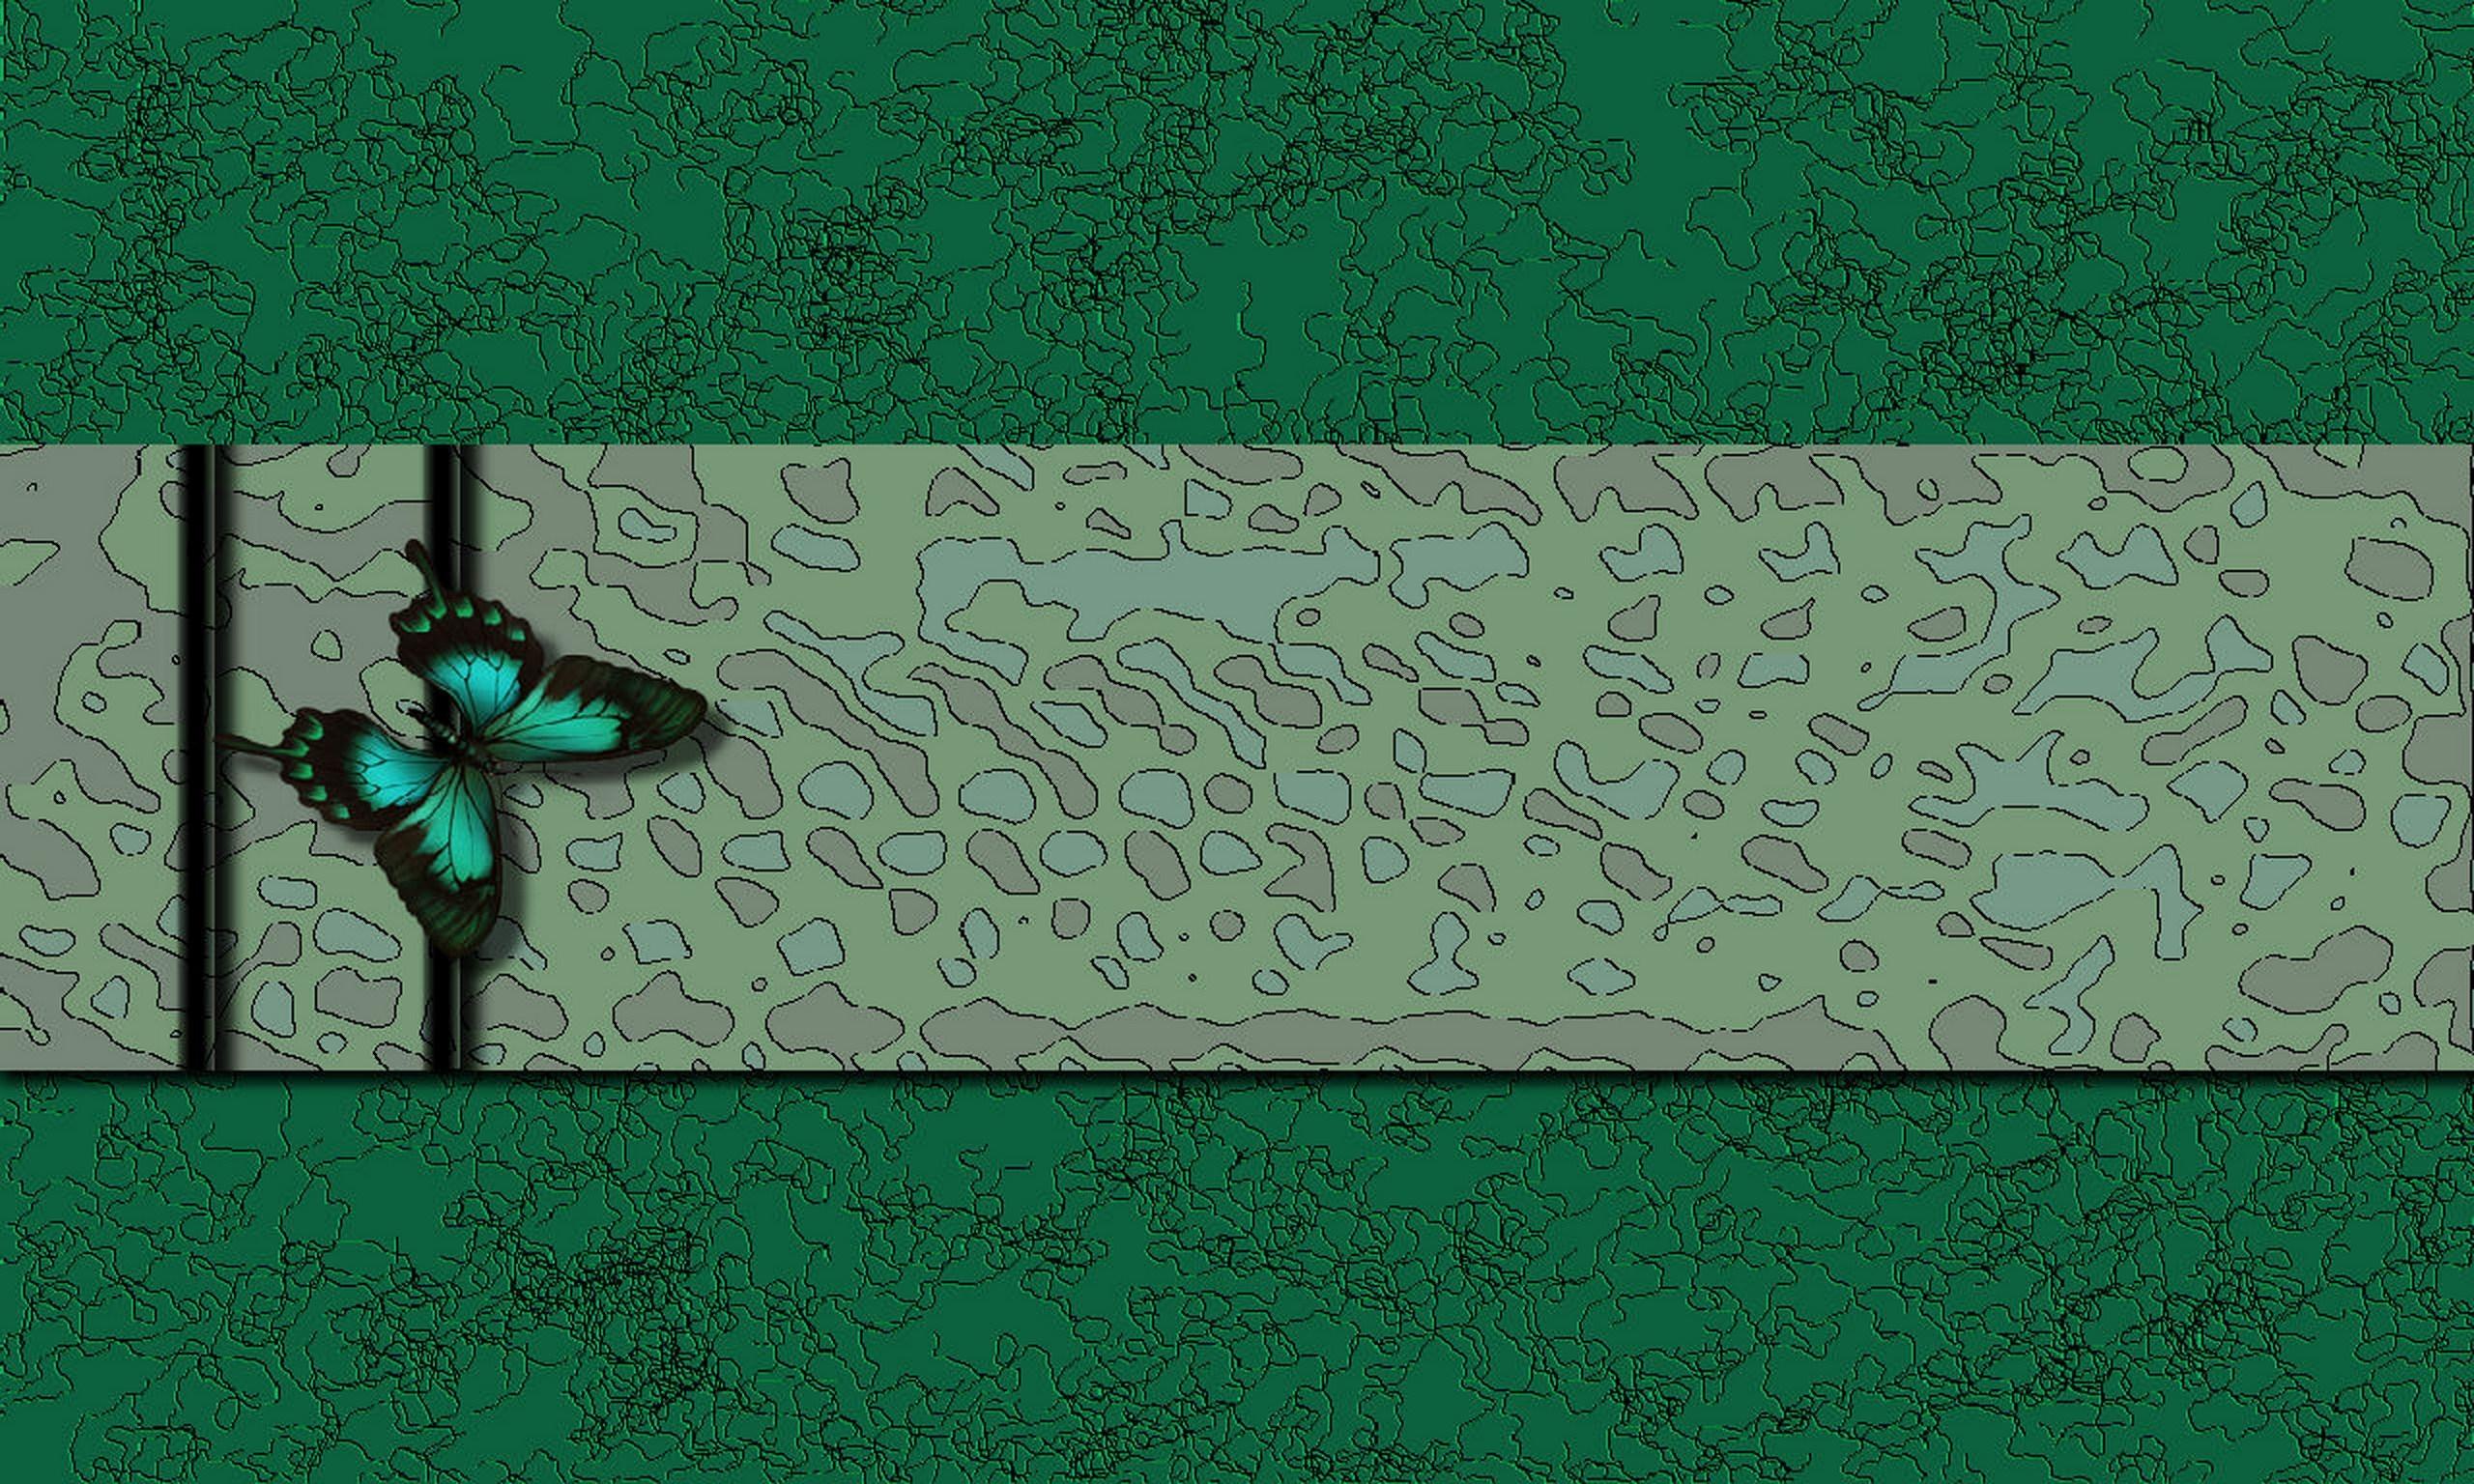 Wallpaper : wall, text, butterfly, green, blue, pattern, texture ...